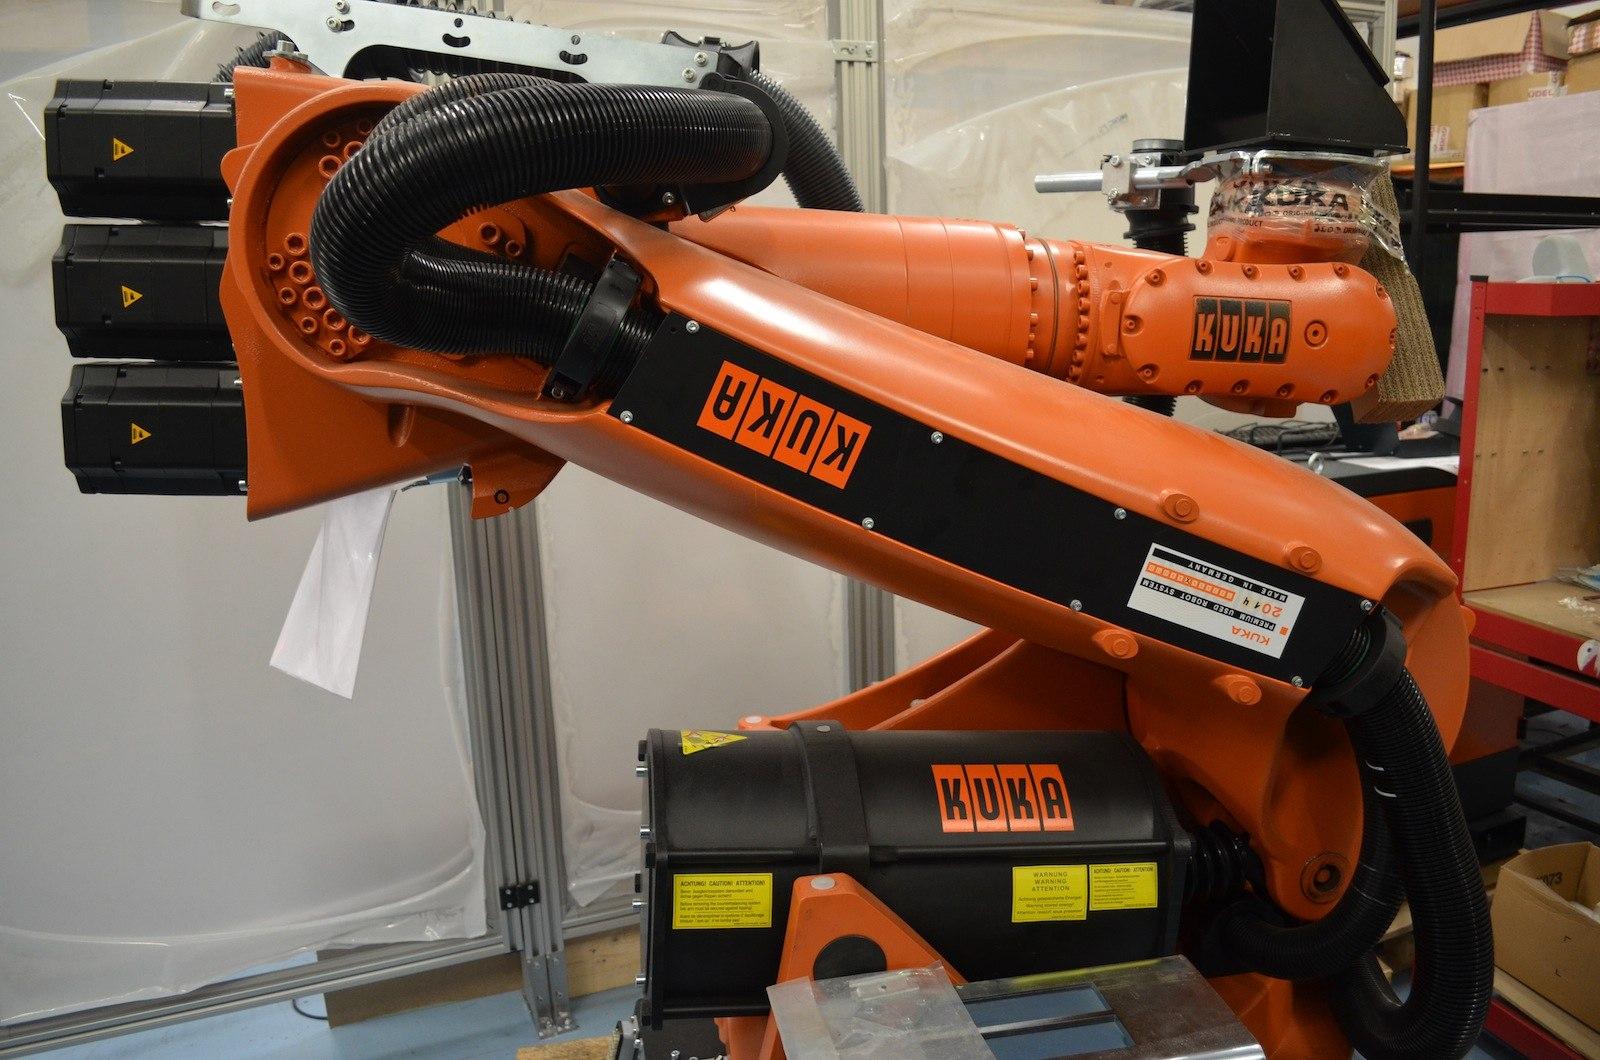 Robot in Dorset…